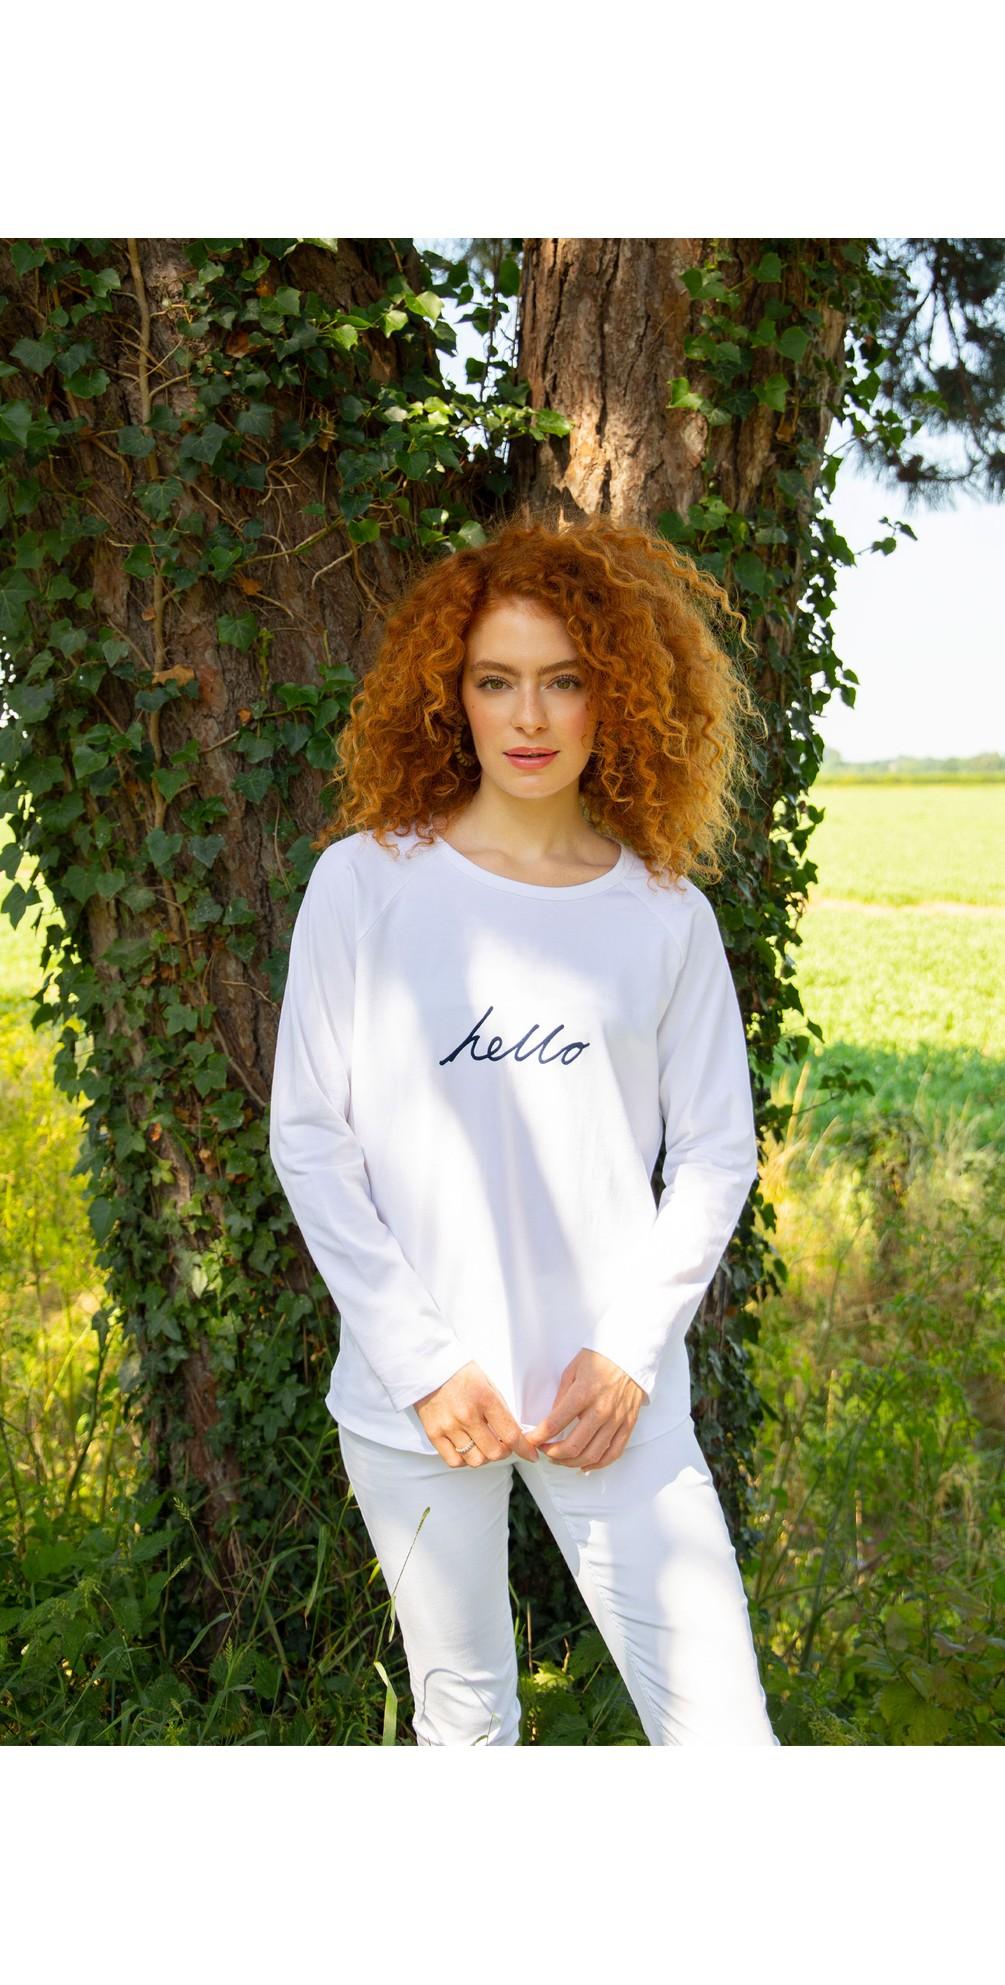 Tasha Hello Top main image